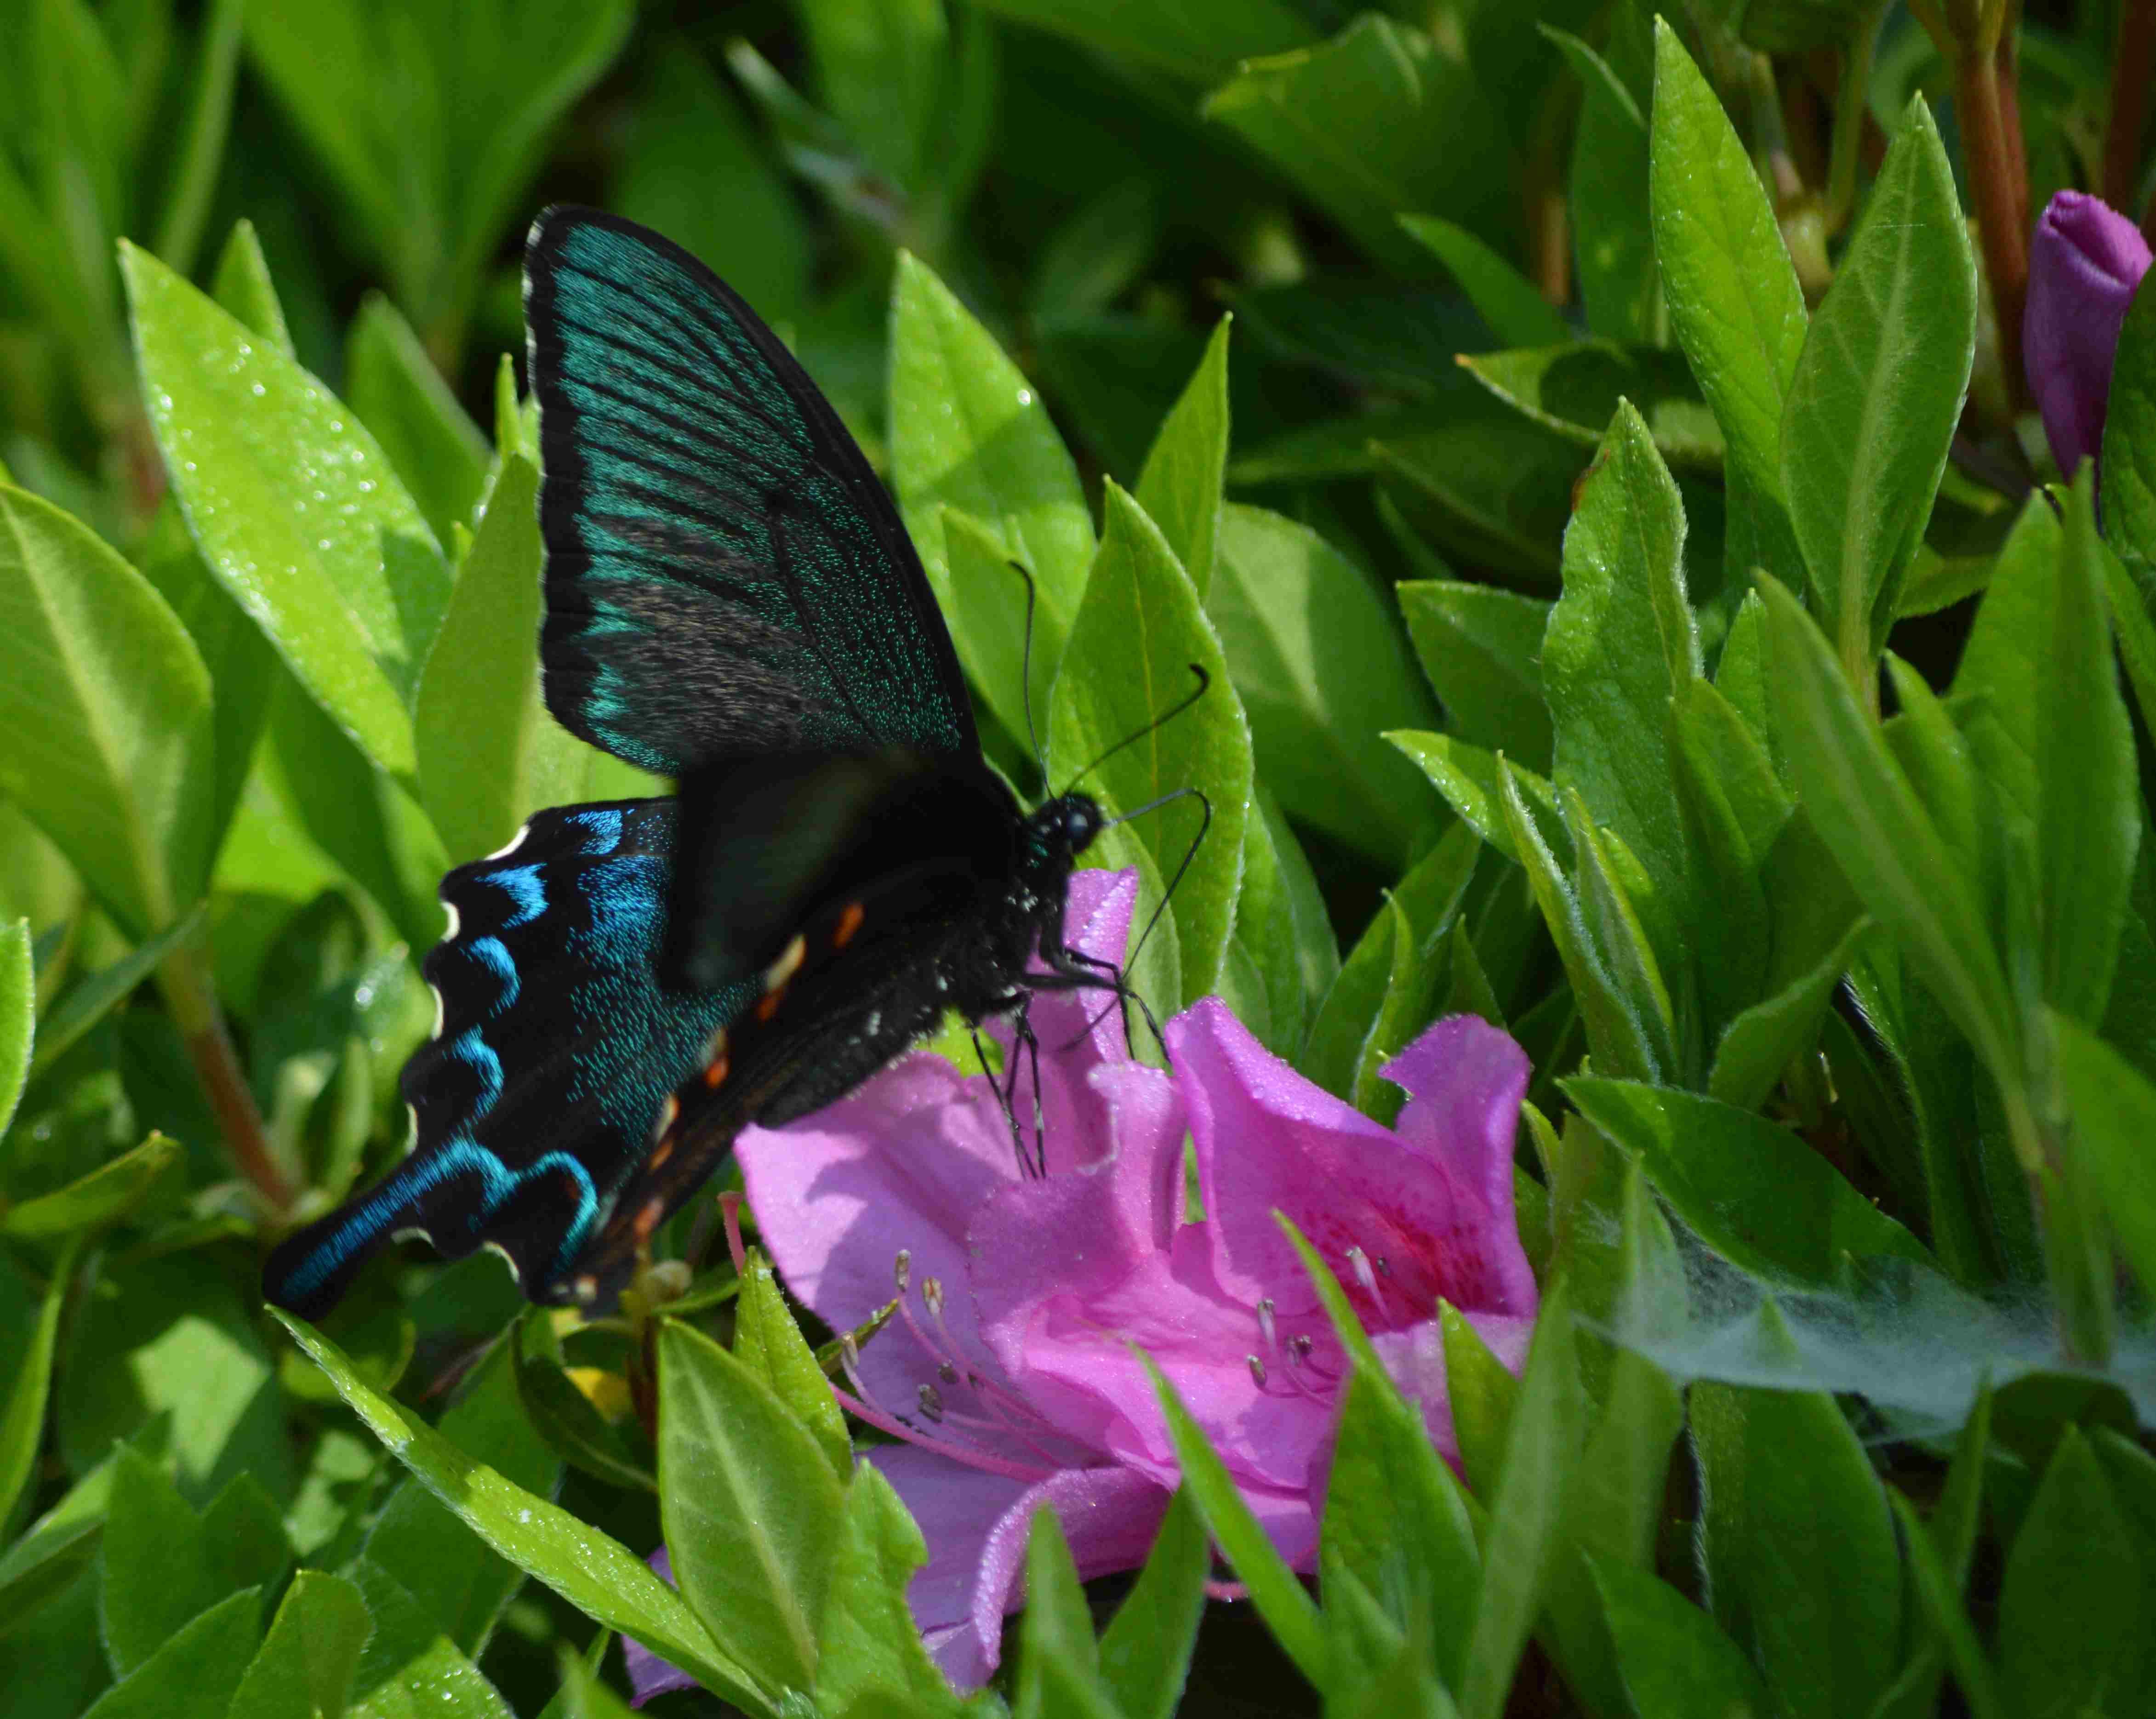 カラスアゲハ 5月2日ツツジの咲く公園にて_d0254540_15413786.jpg